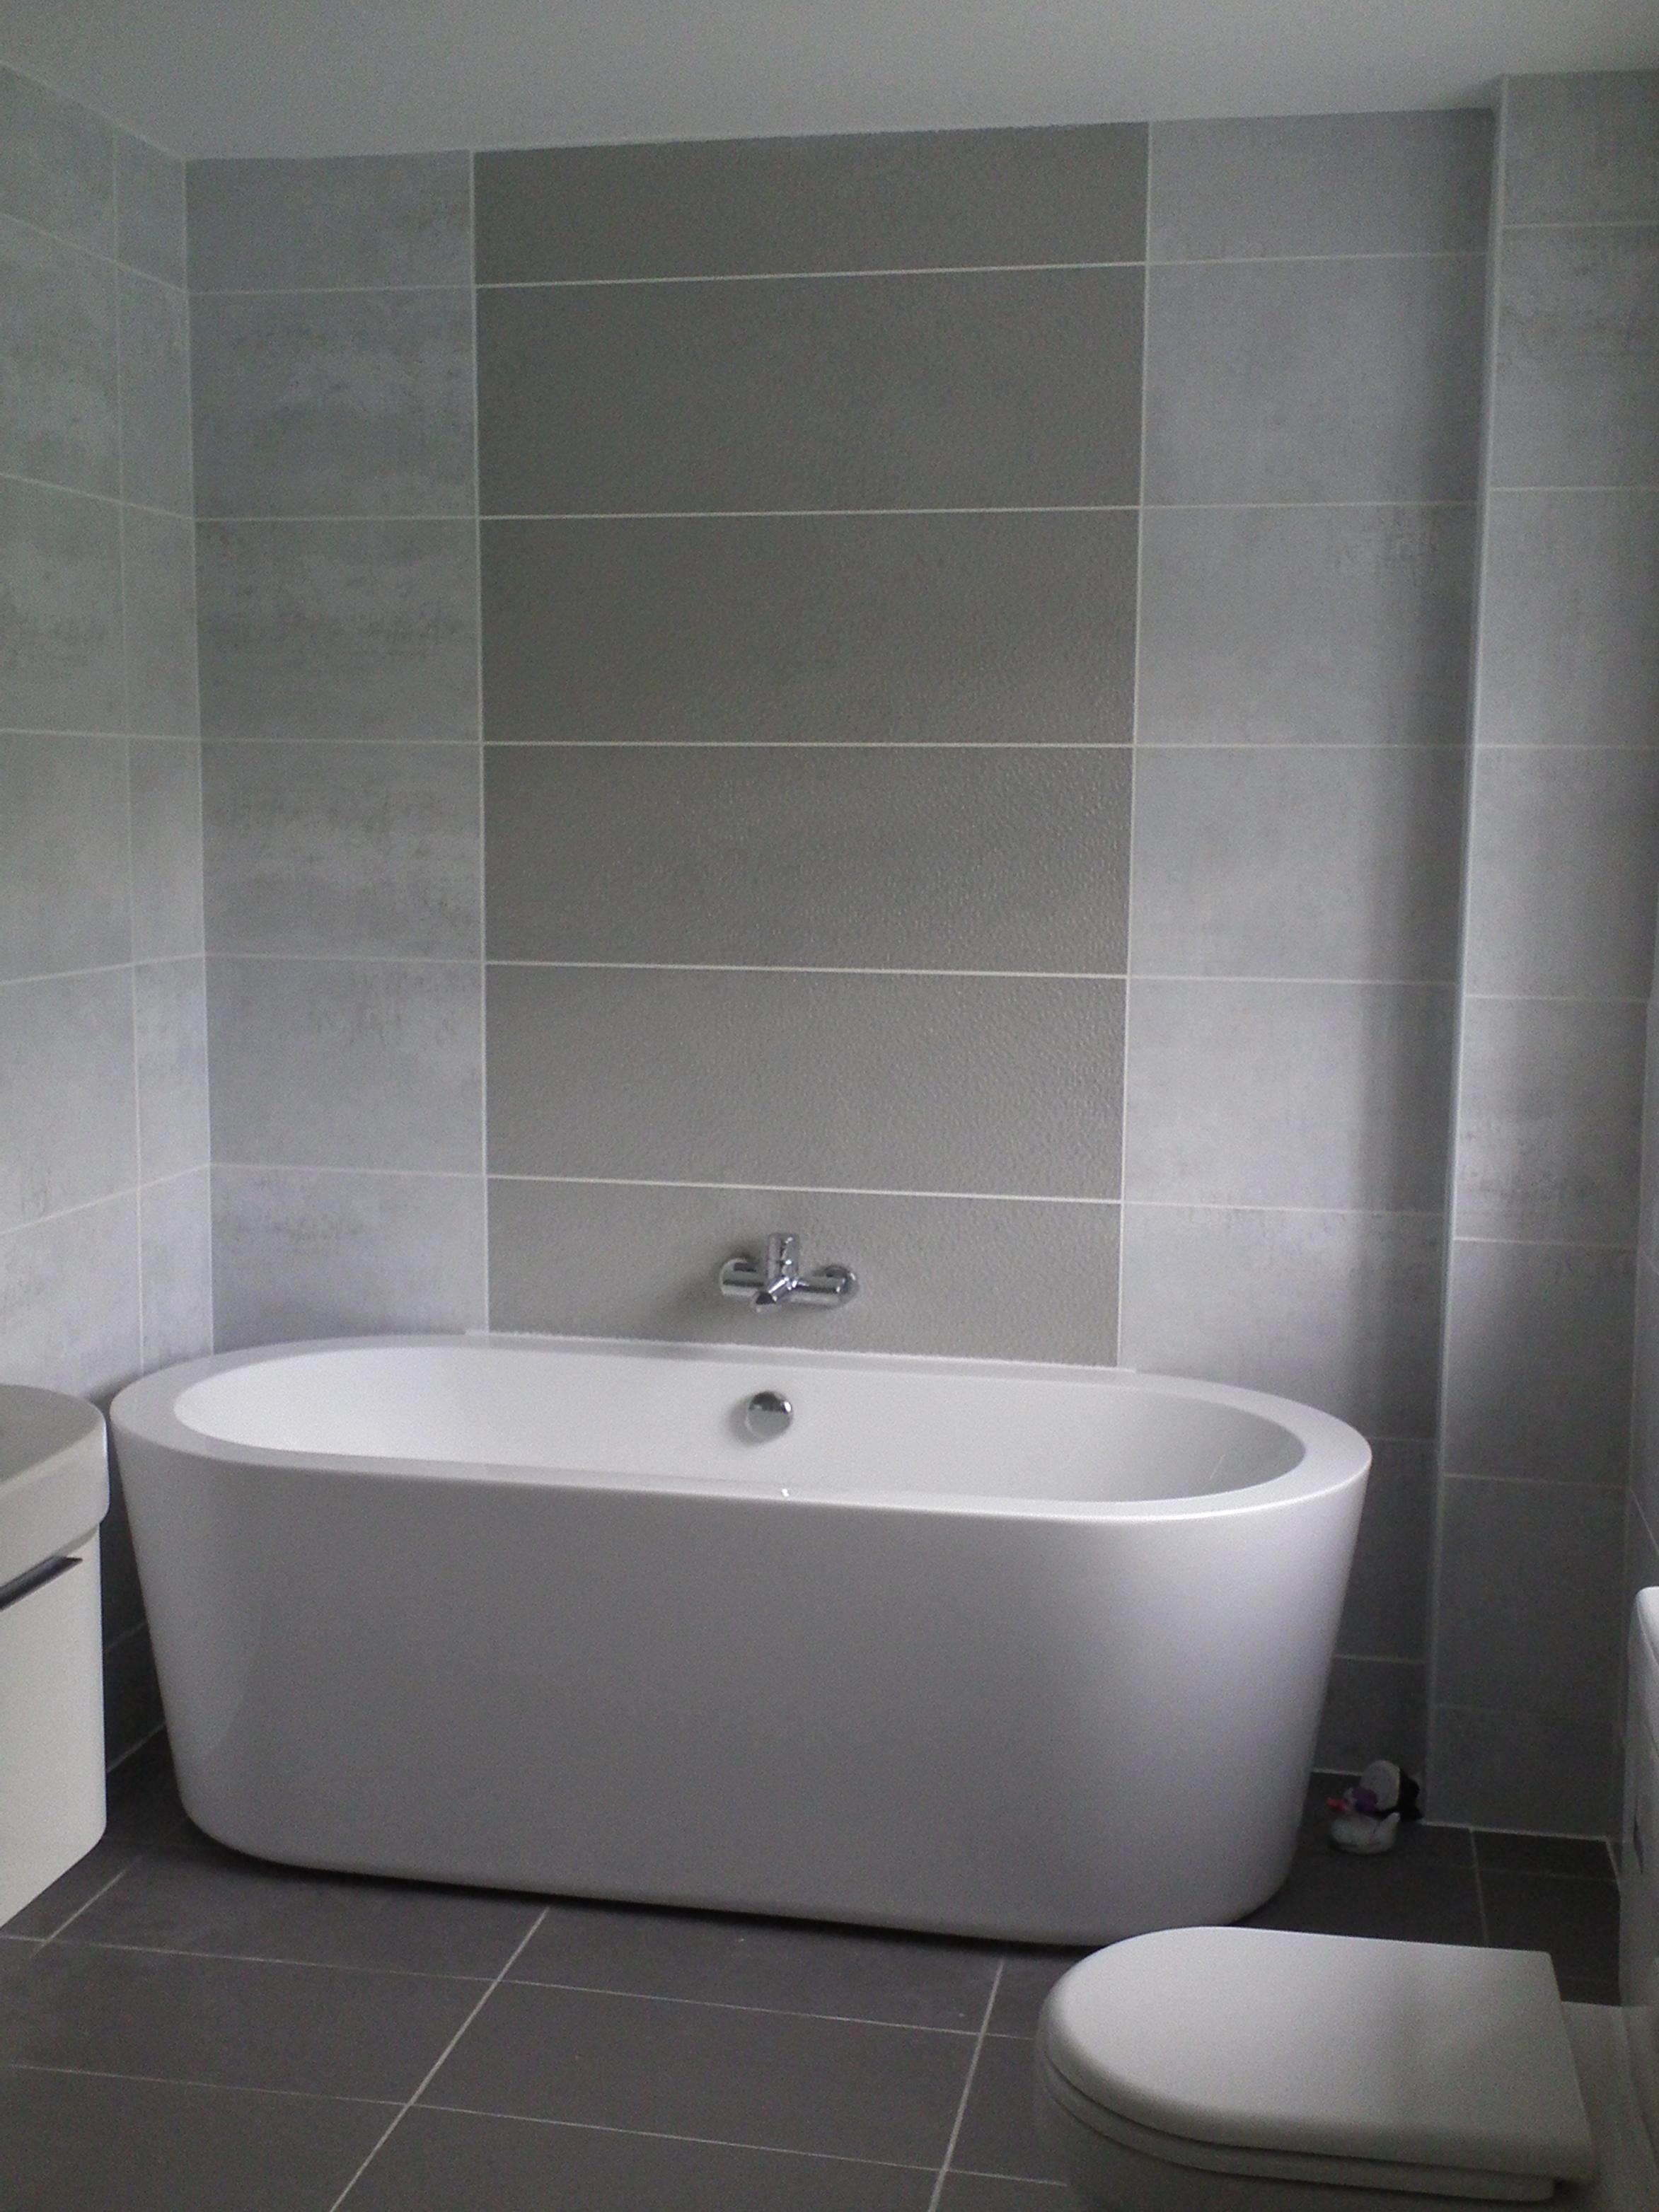 Badezimmer ideen 2018  schockierende grauen und weißen badezimmer ideen bilder